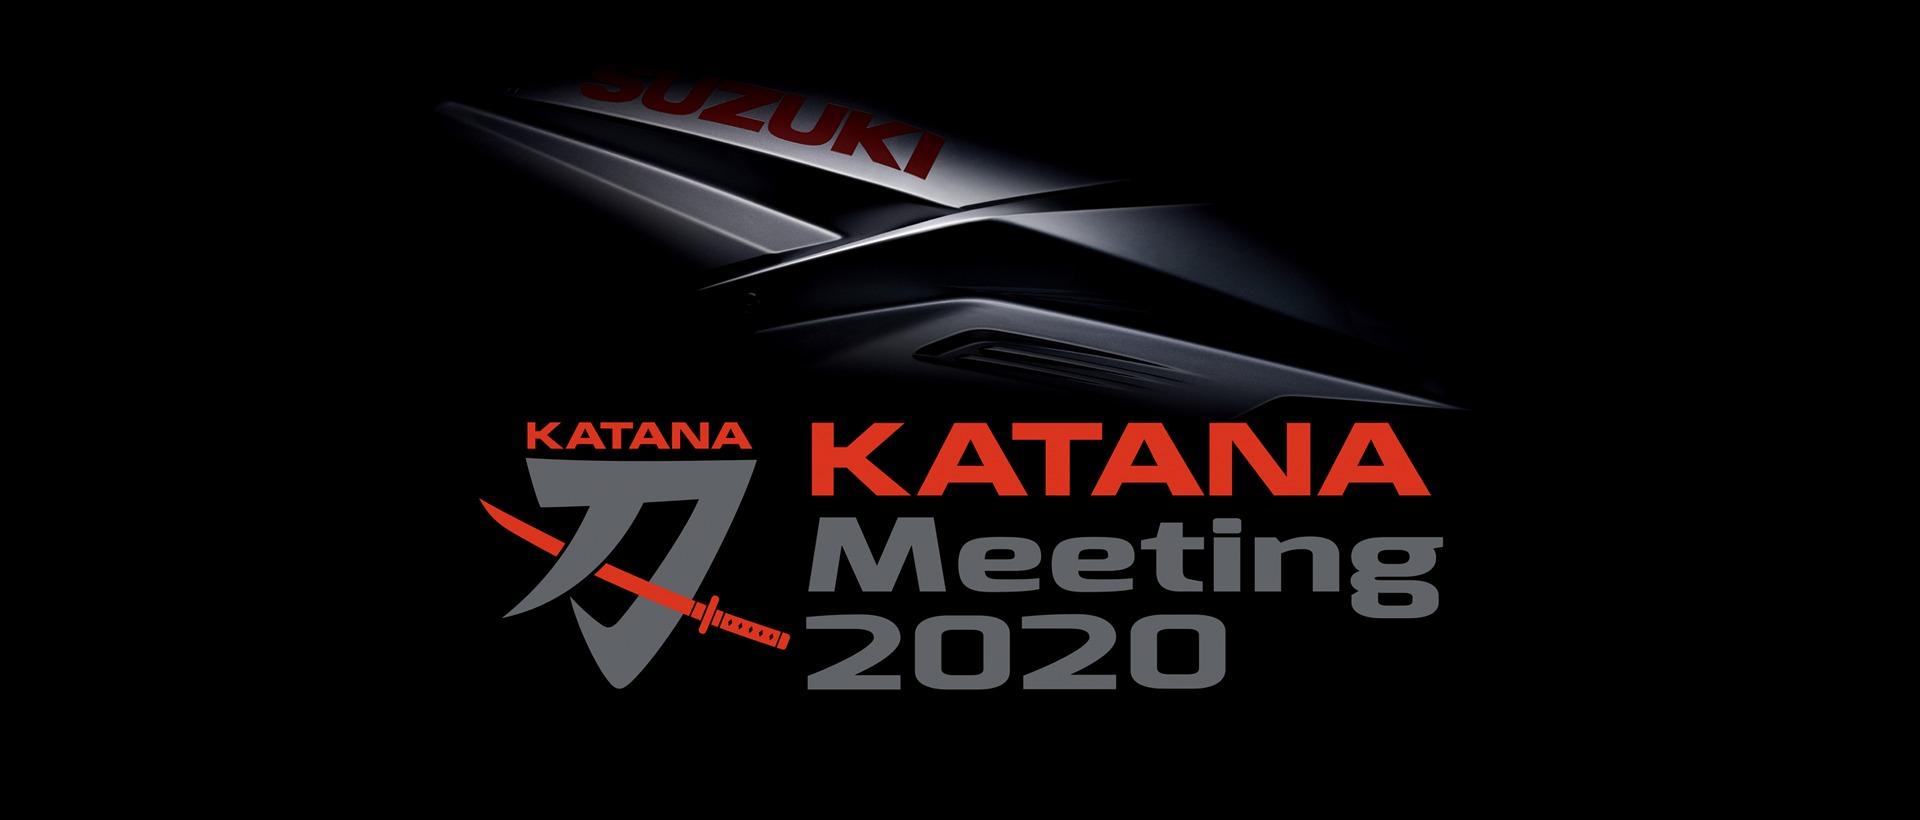 スズキ KATANAミーティング2020 開催延期のお知らせ